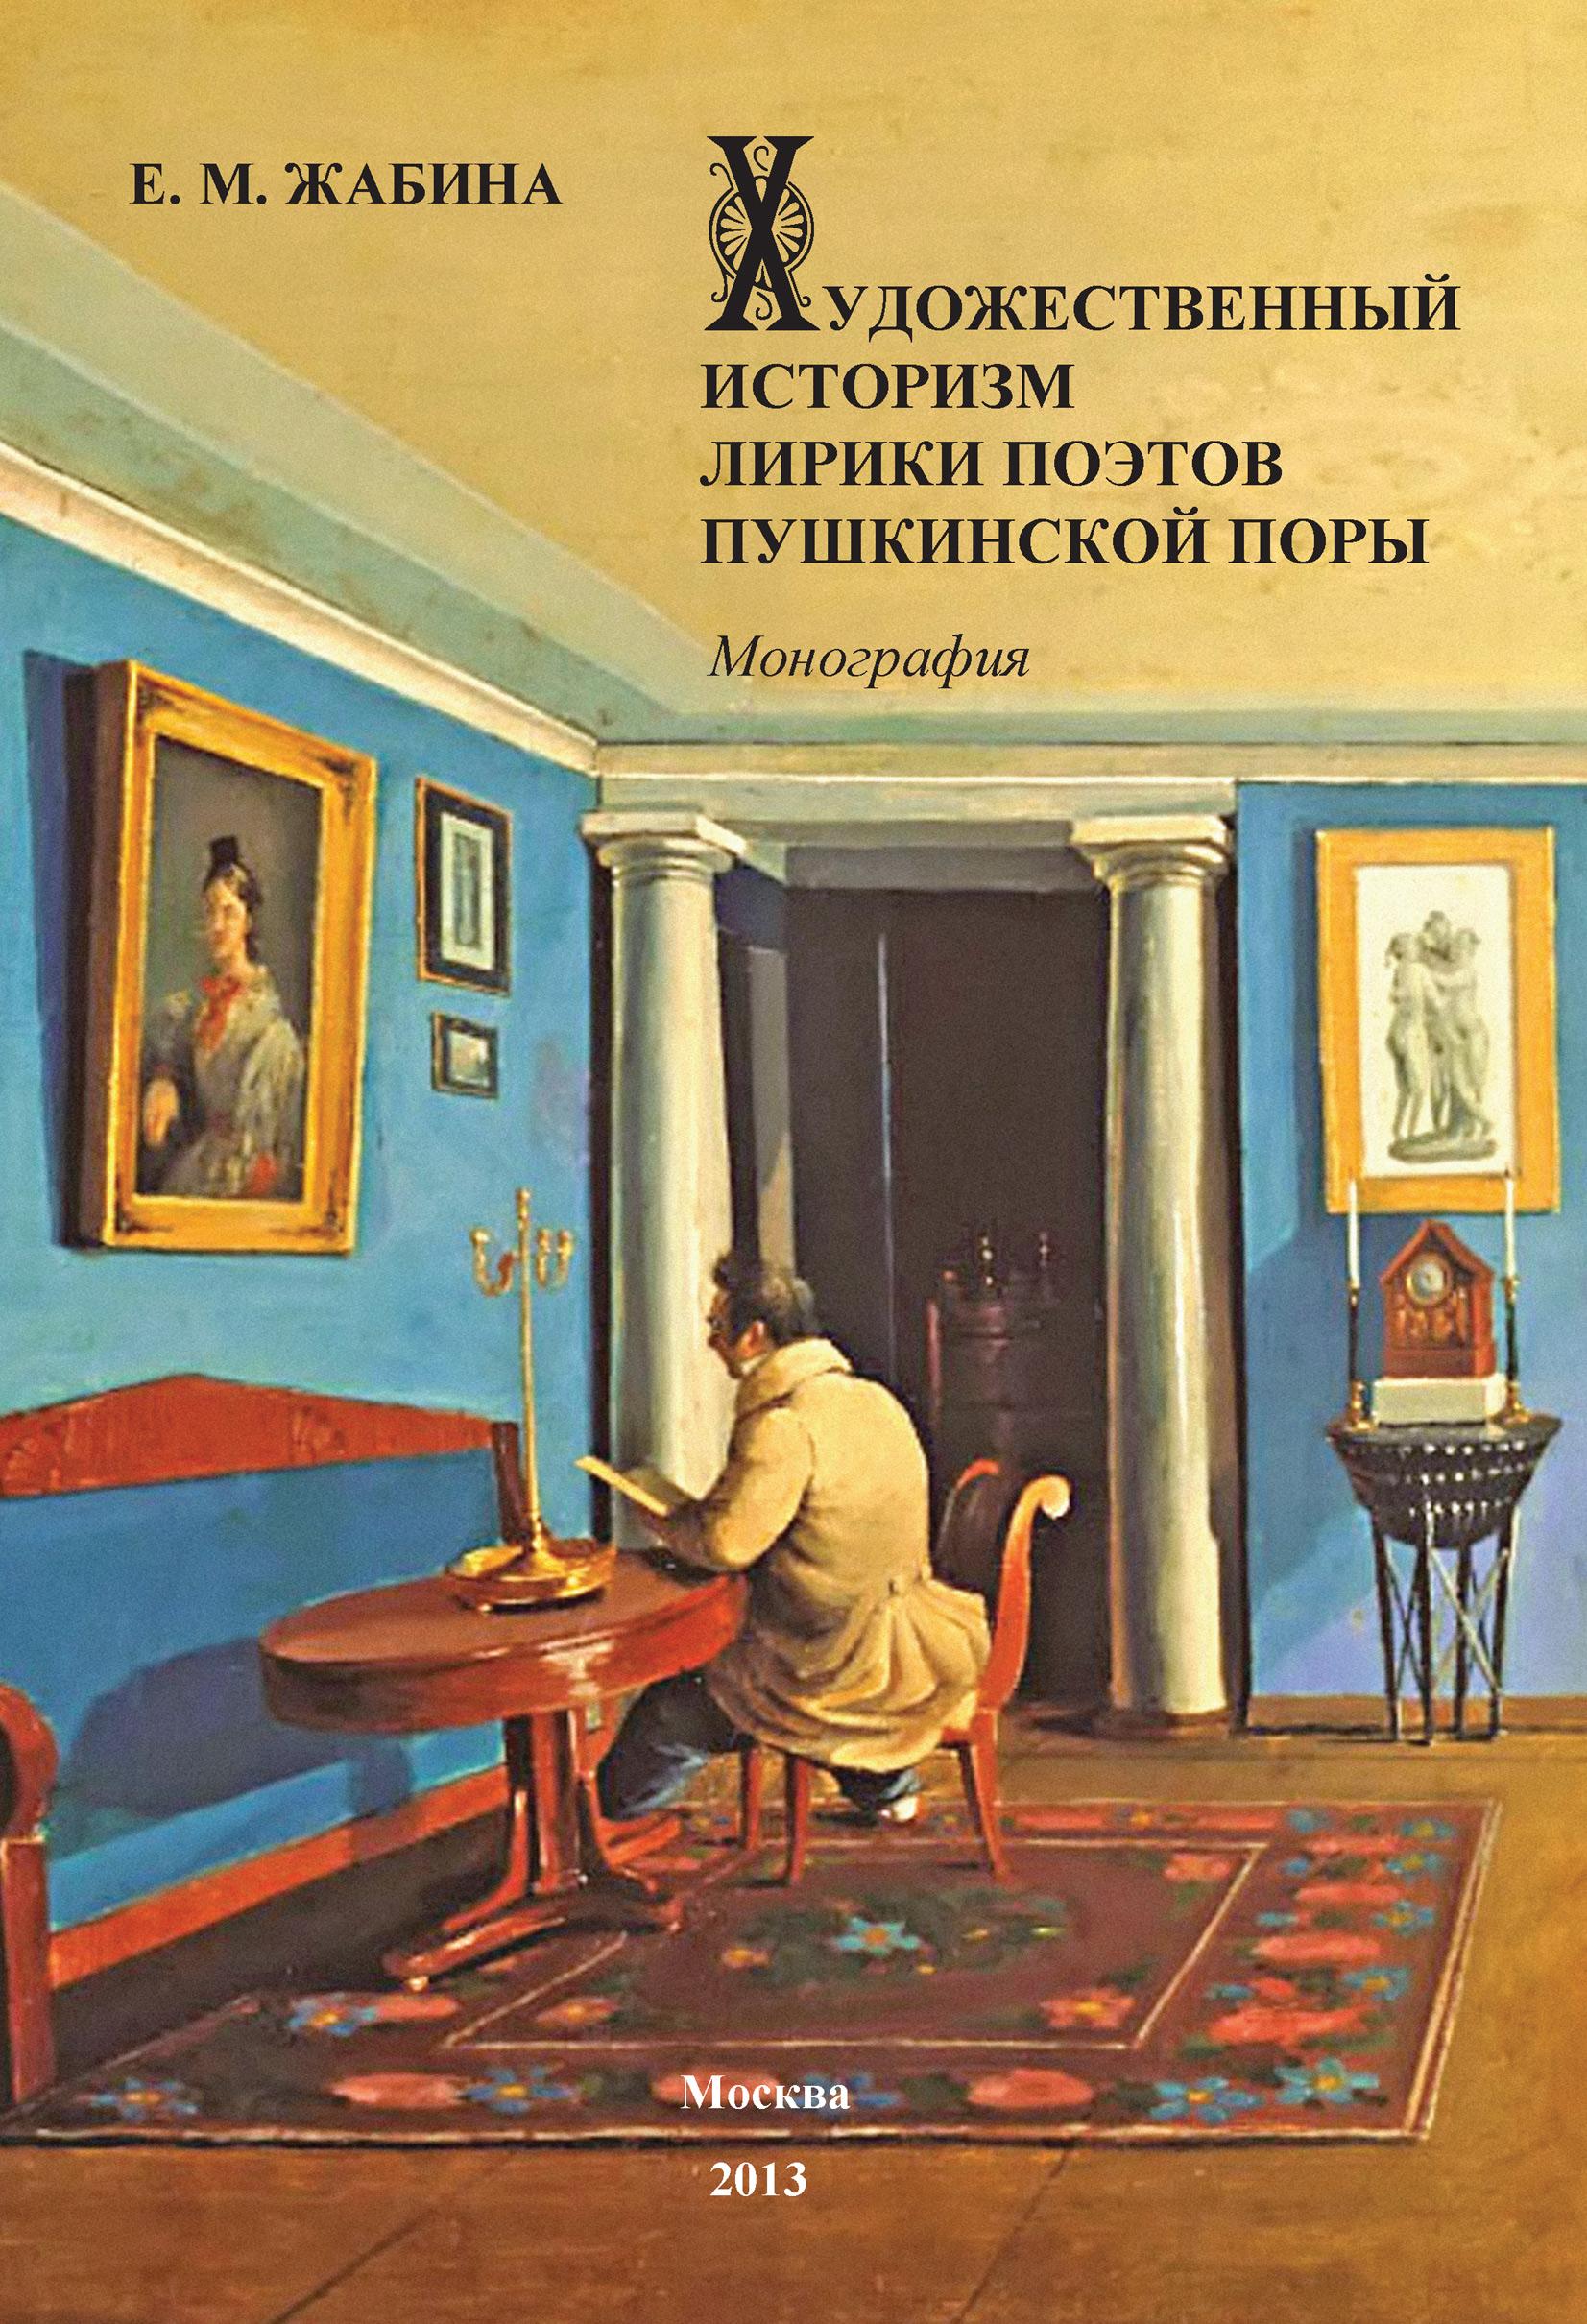 Е. М. Жабина Художественный историзм лирики поэтов пушкинской поры цена 2017